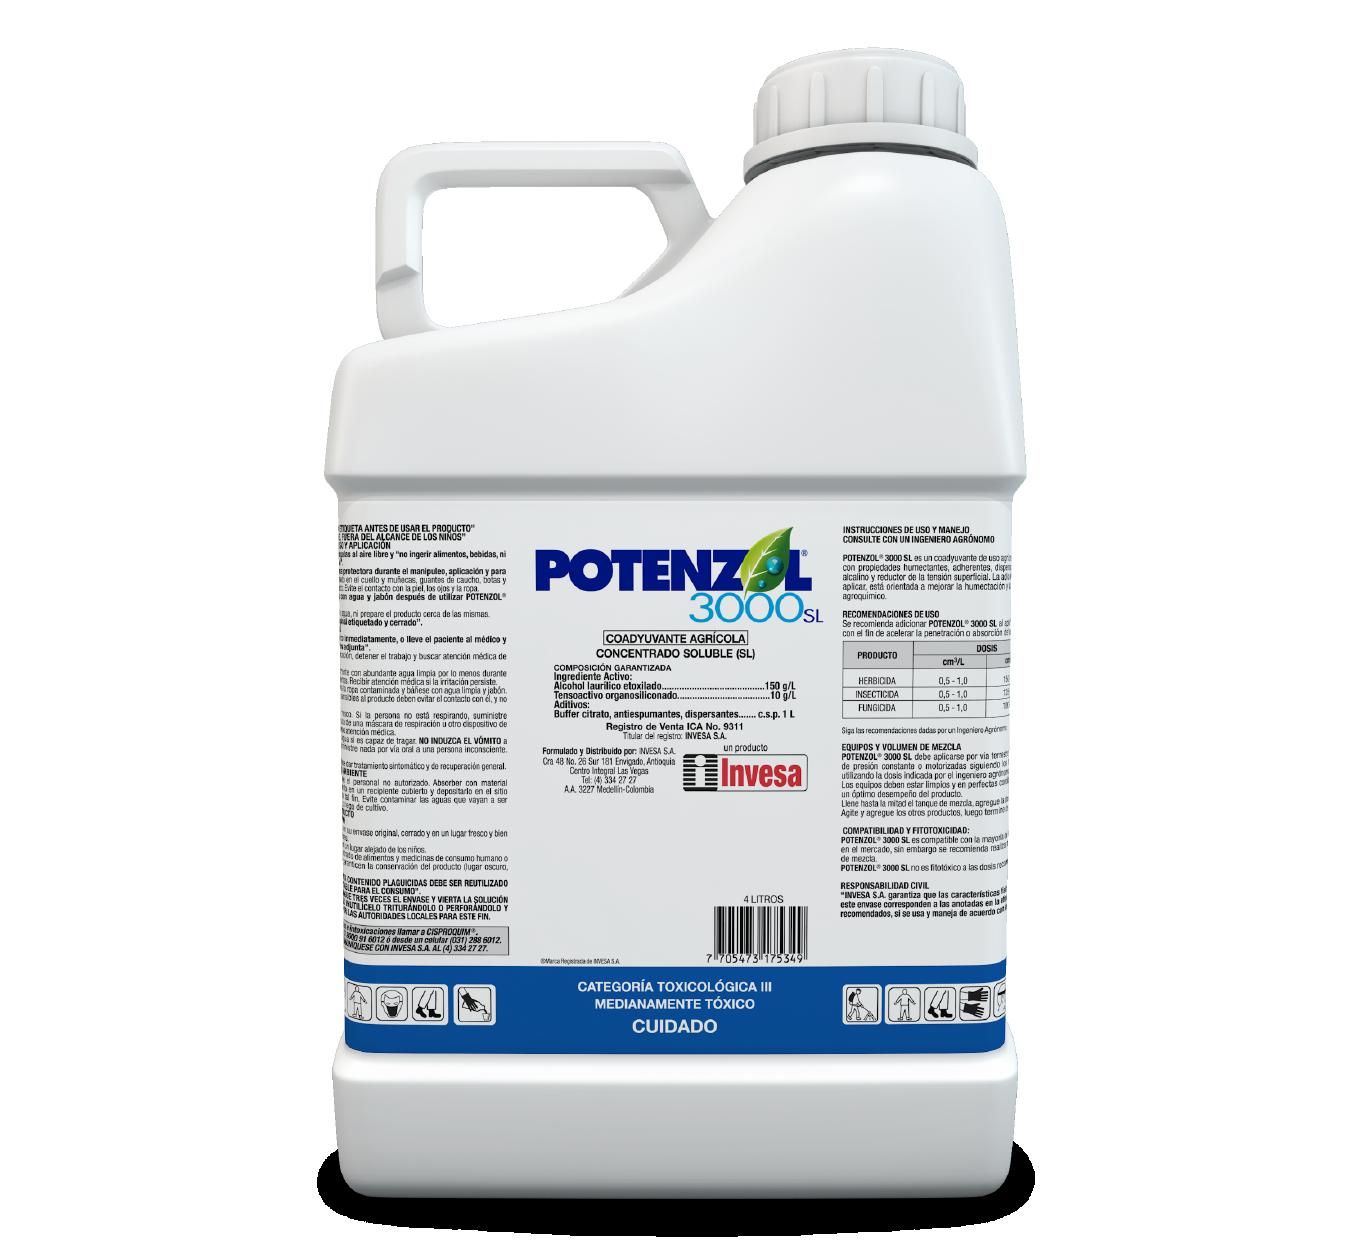 Potenzol3000_4Lt-01.png